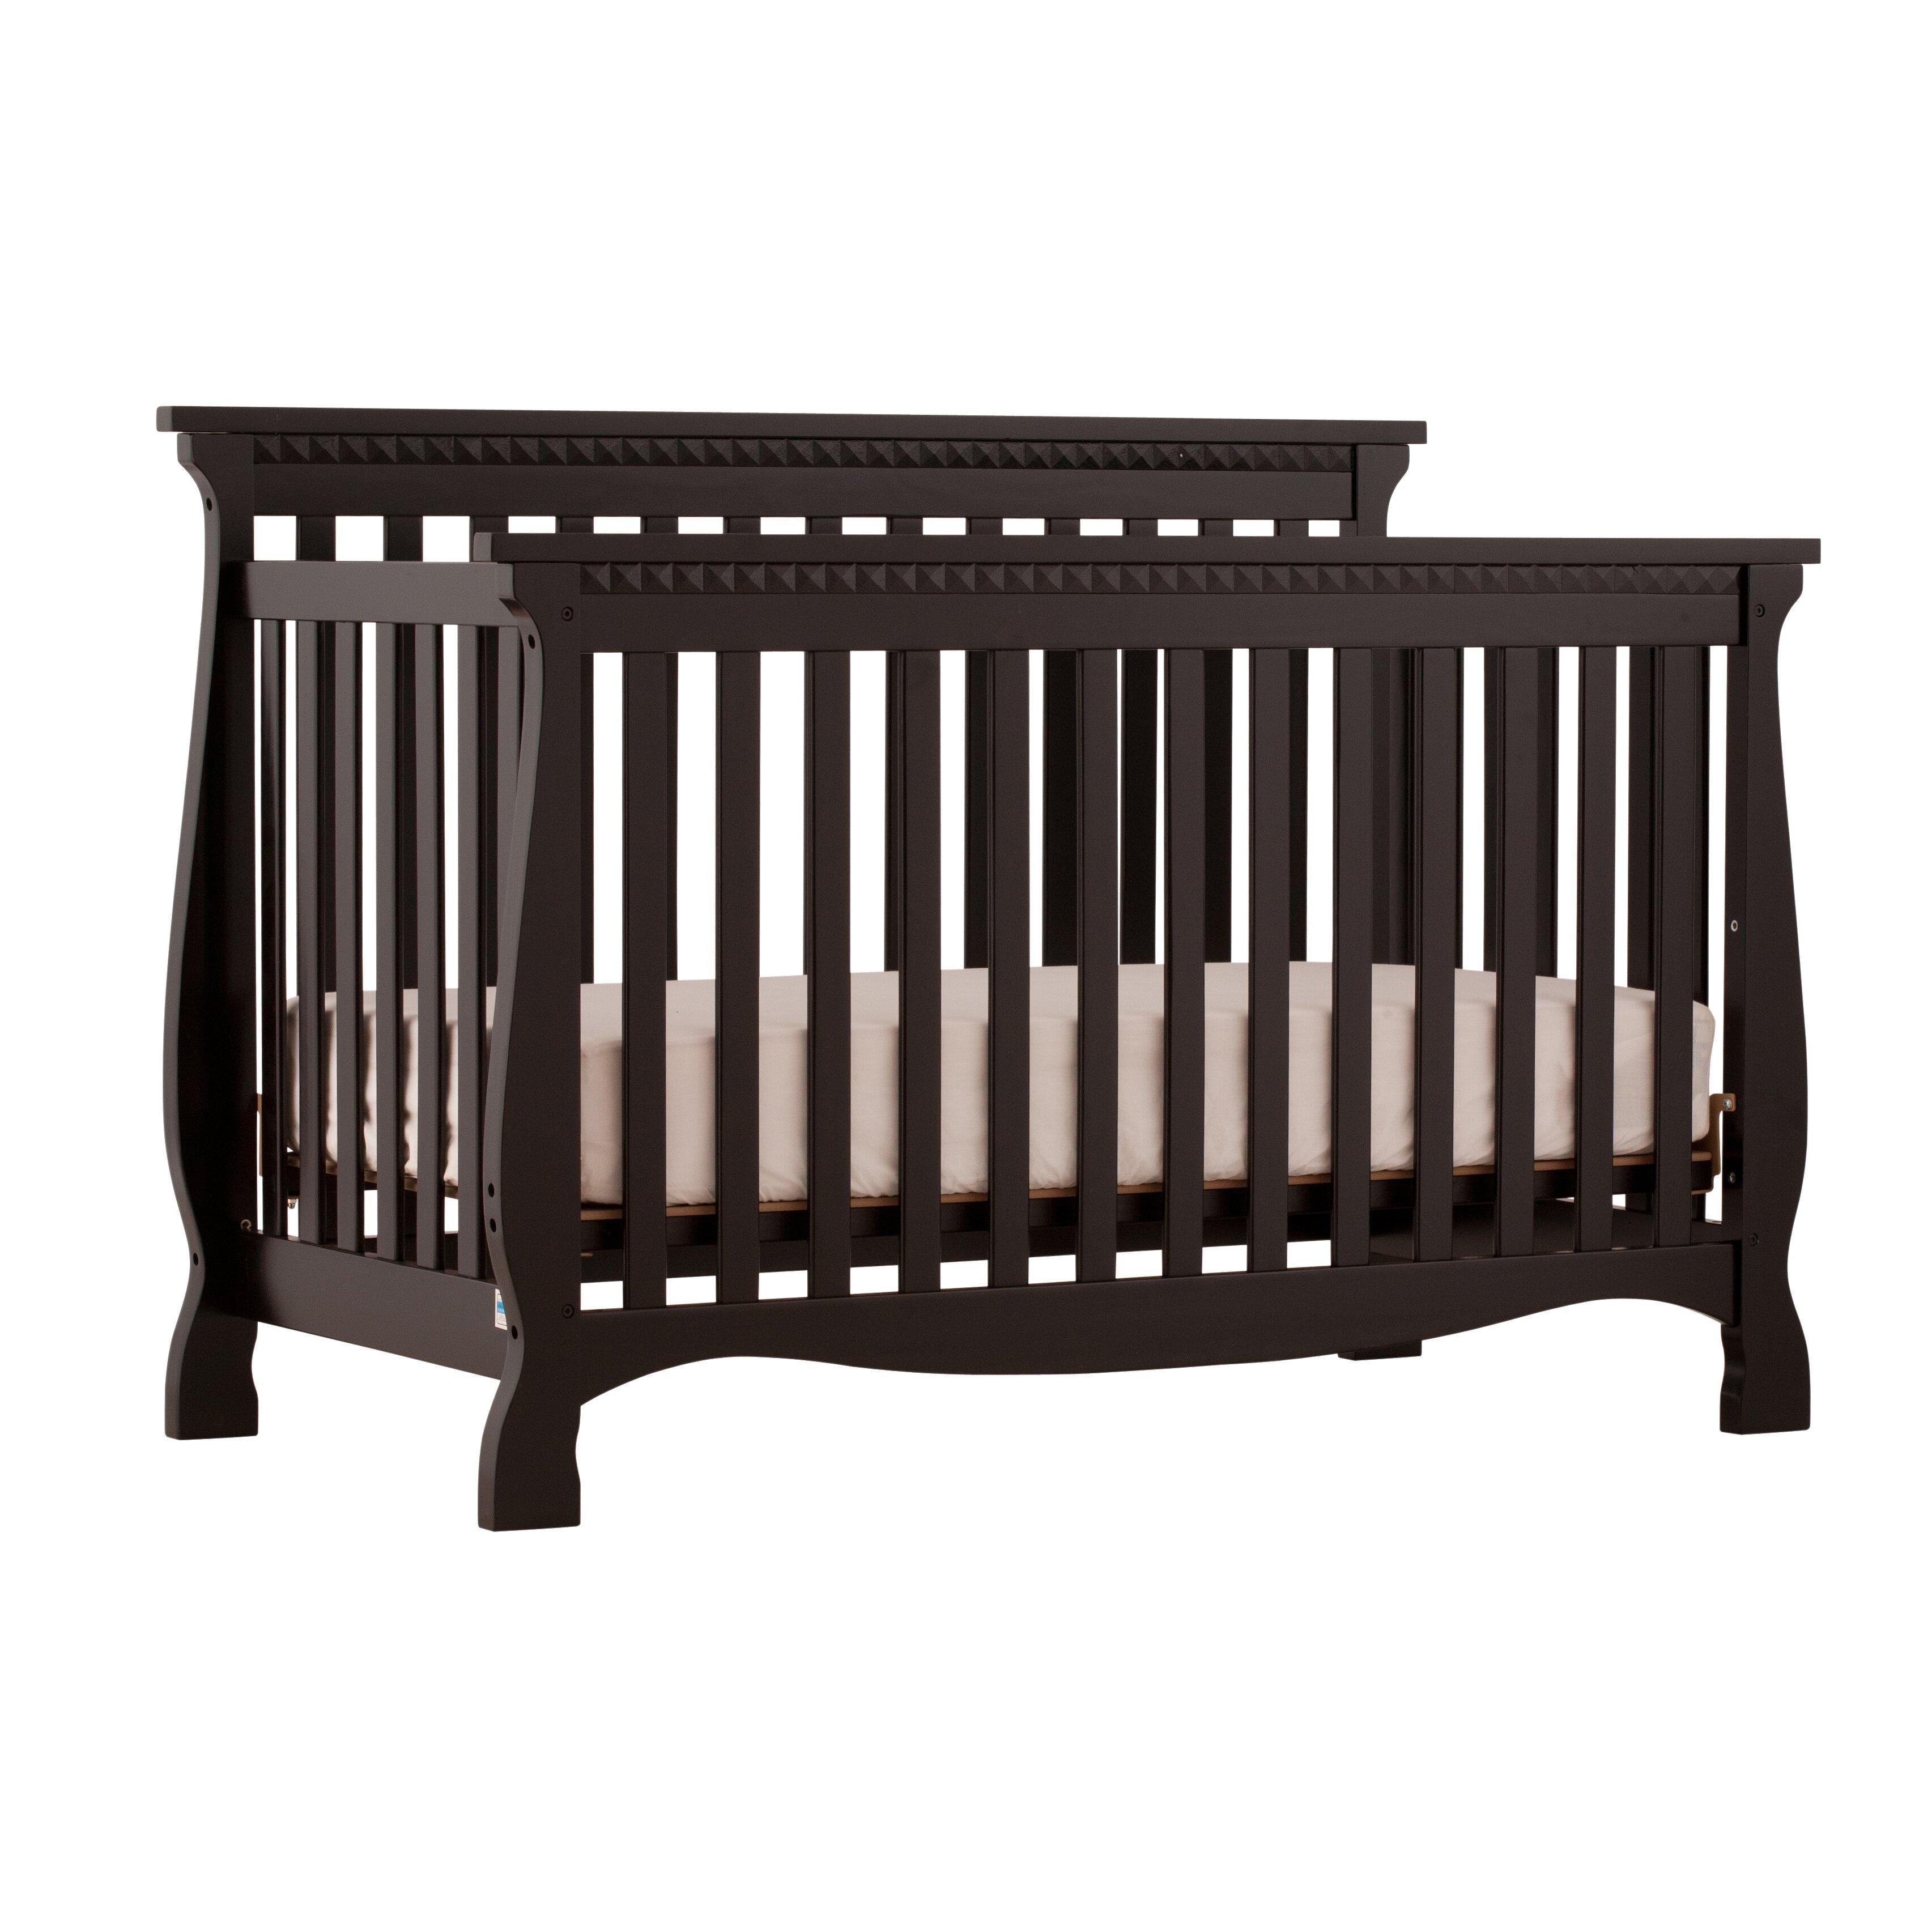 Crib for sale kijiji toronto - Storkcraft Crib Espresso